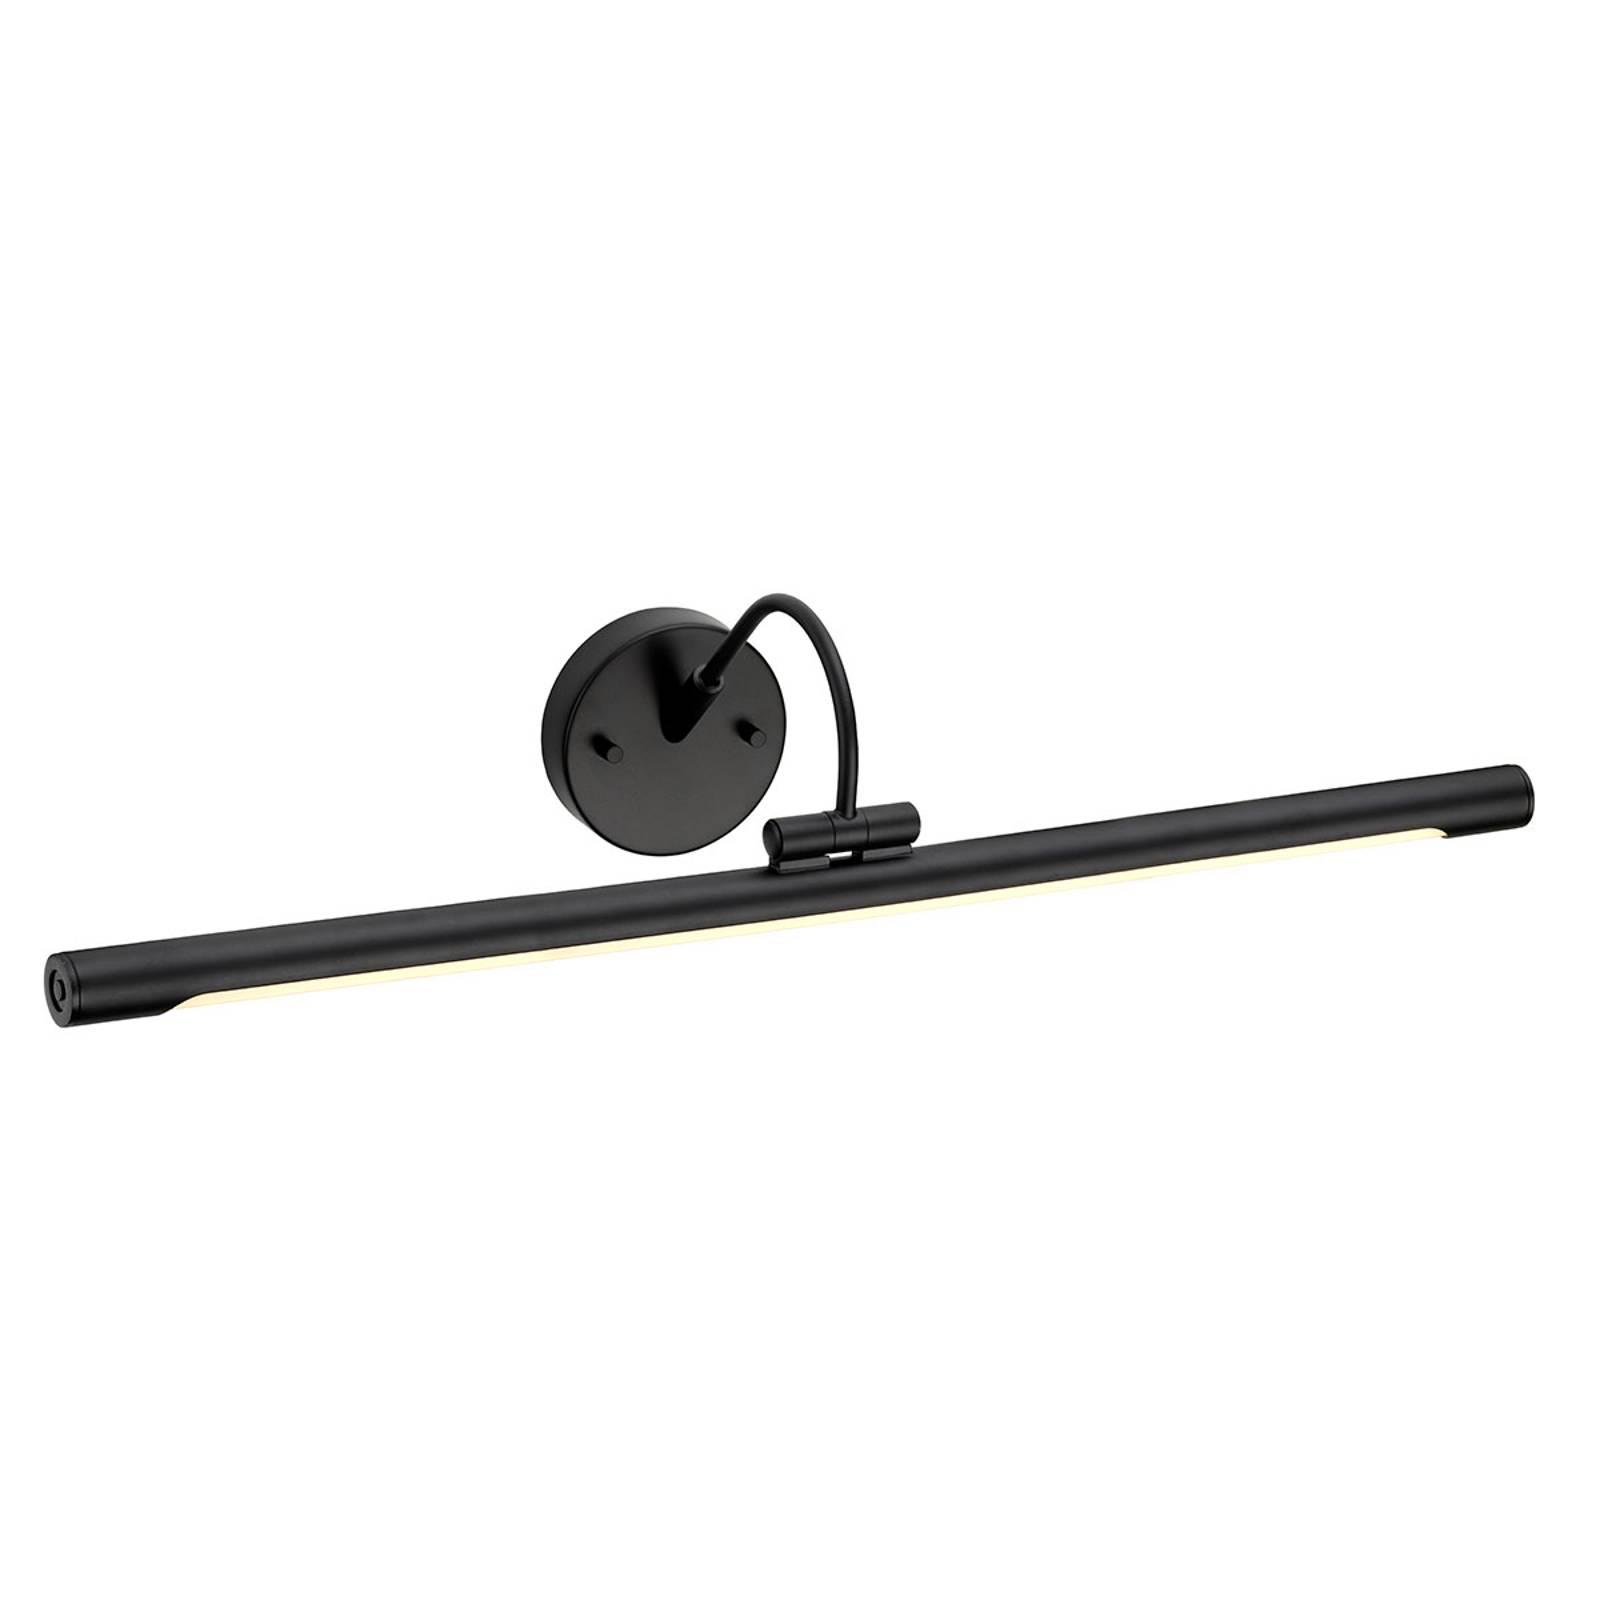 LED-tauluvalaisin Alton mustana, 67 cm